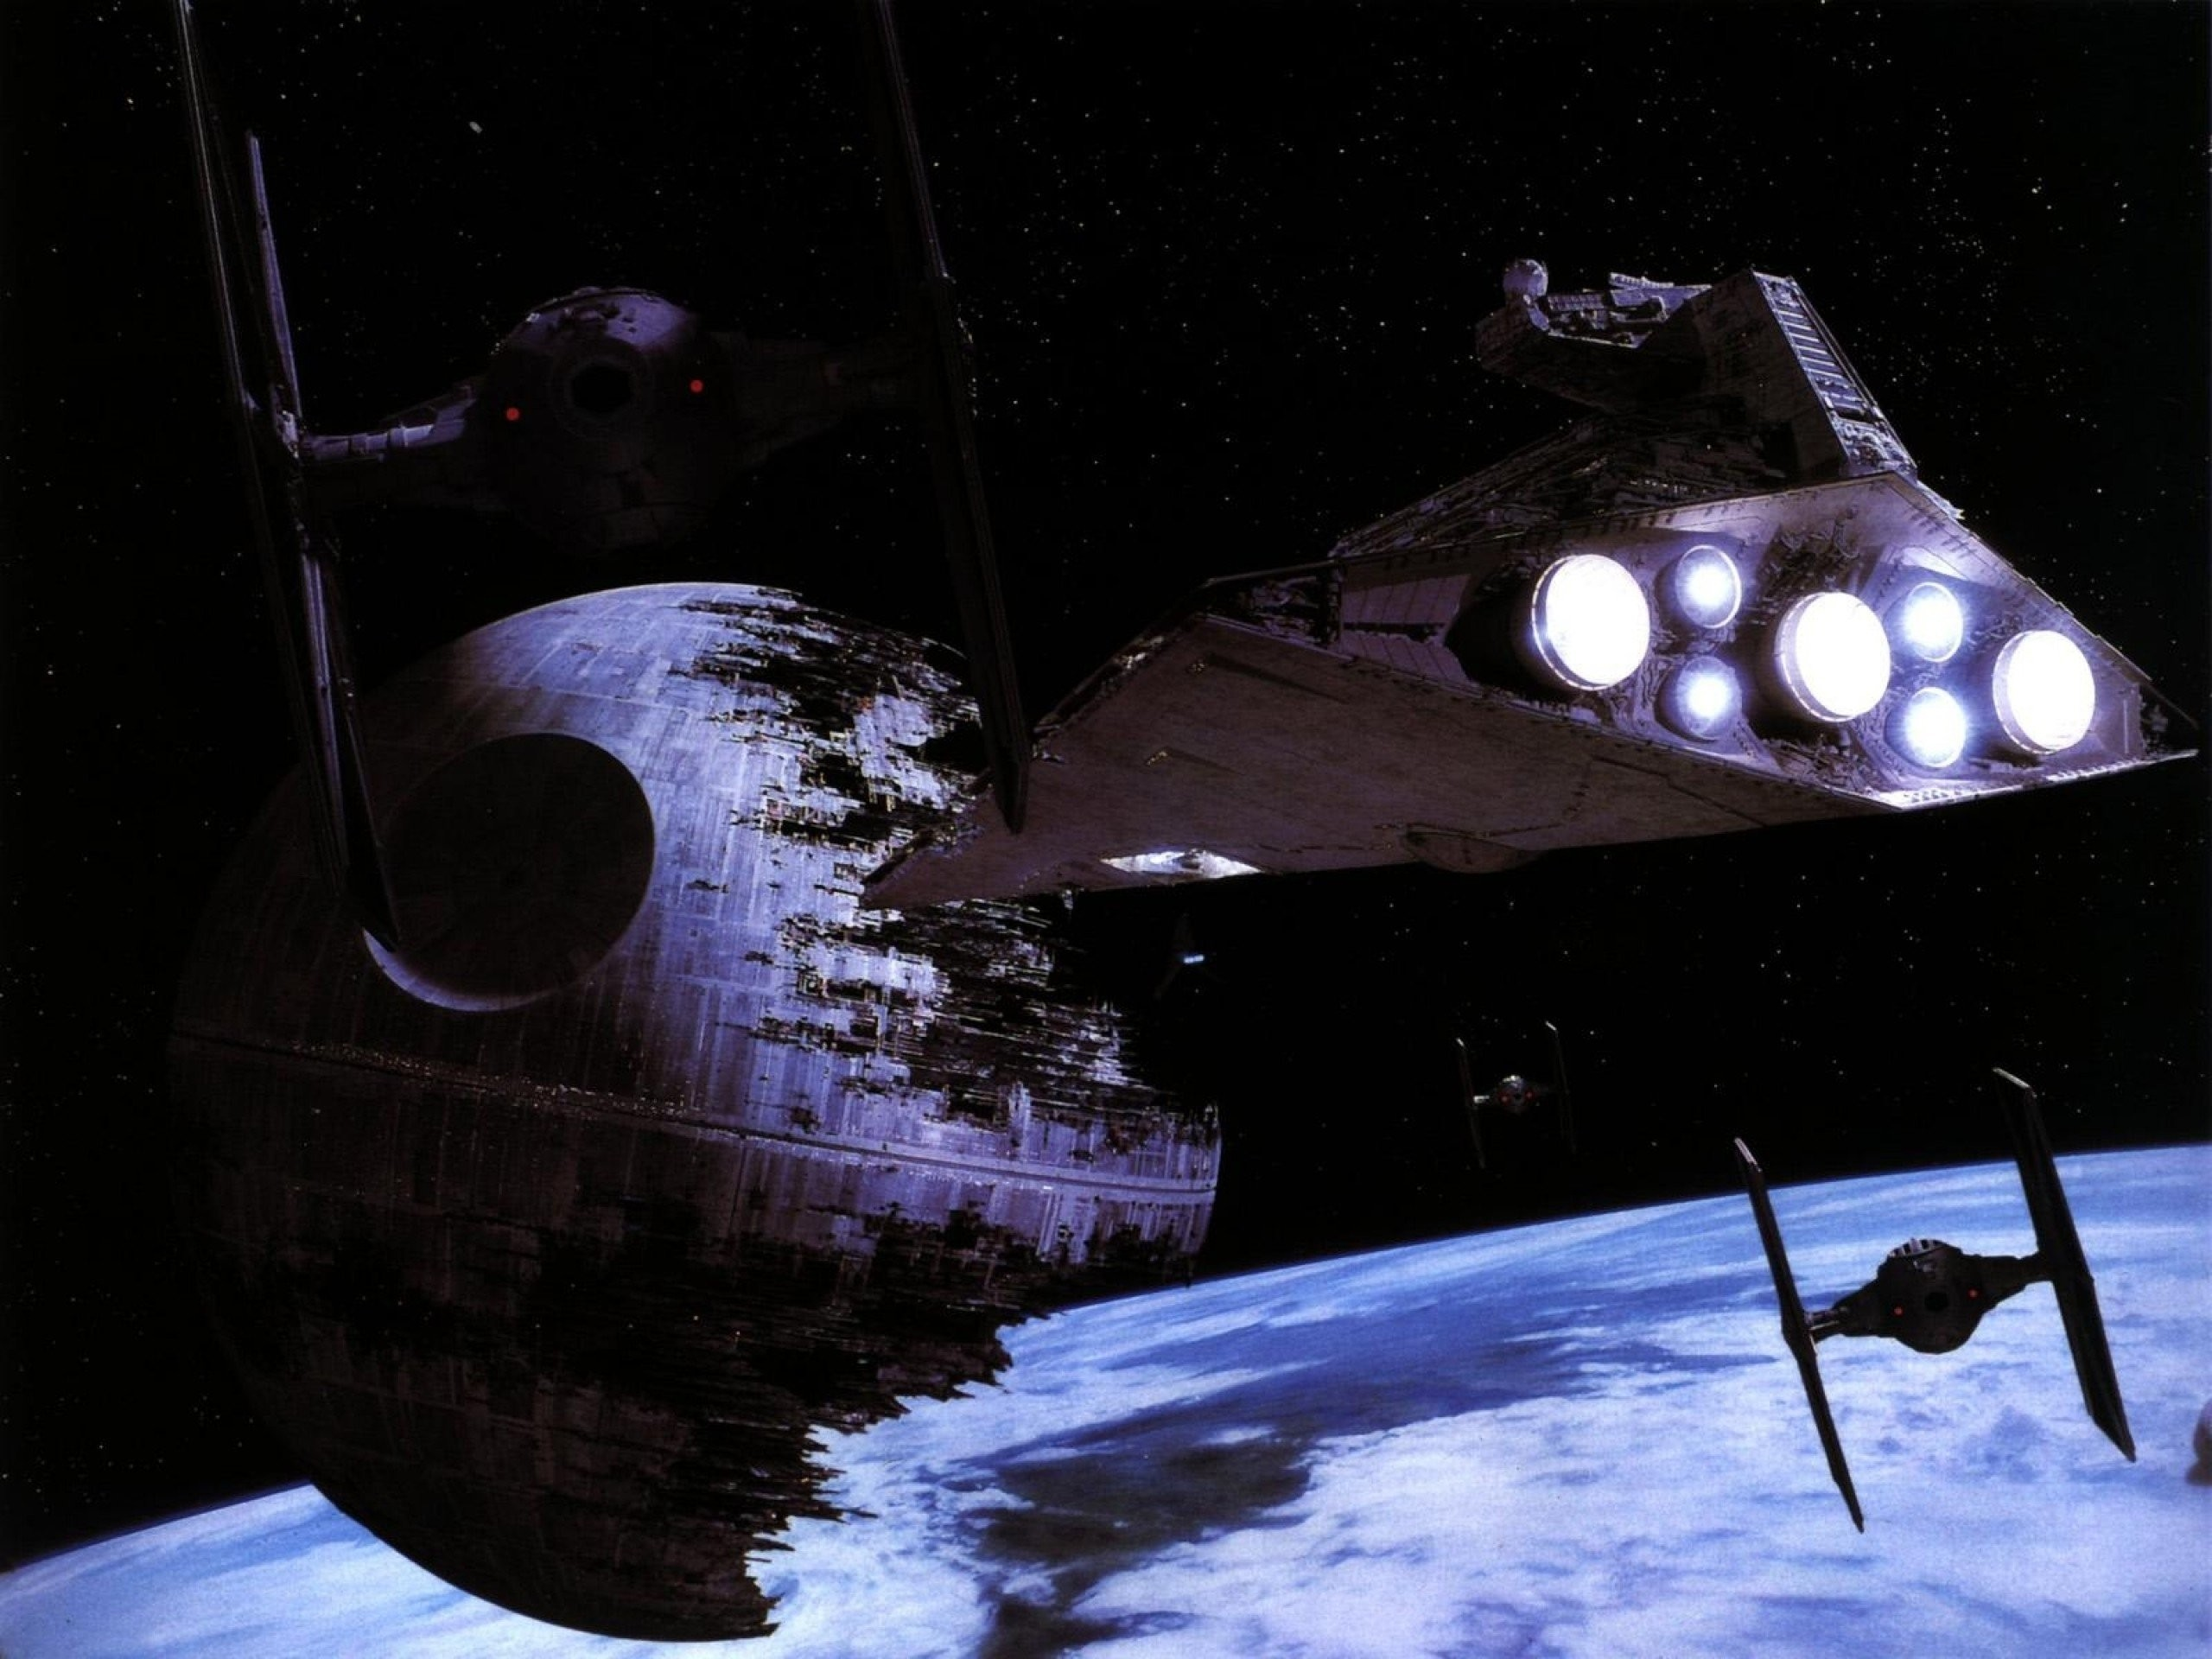 Star Wars Moon Death Star Tie fighters Star Destroyer Return of the Jedi  starwars wallpaper     337394   WallpaperUP